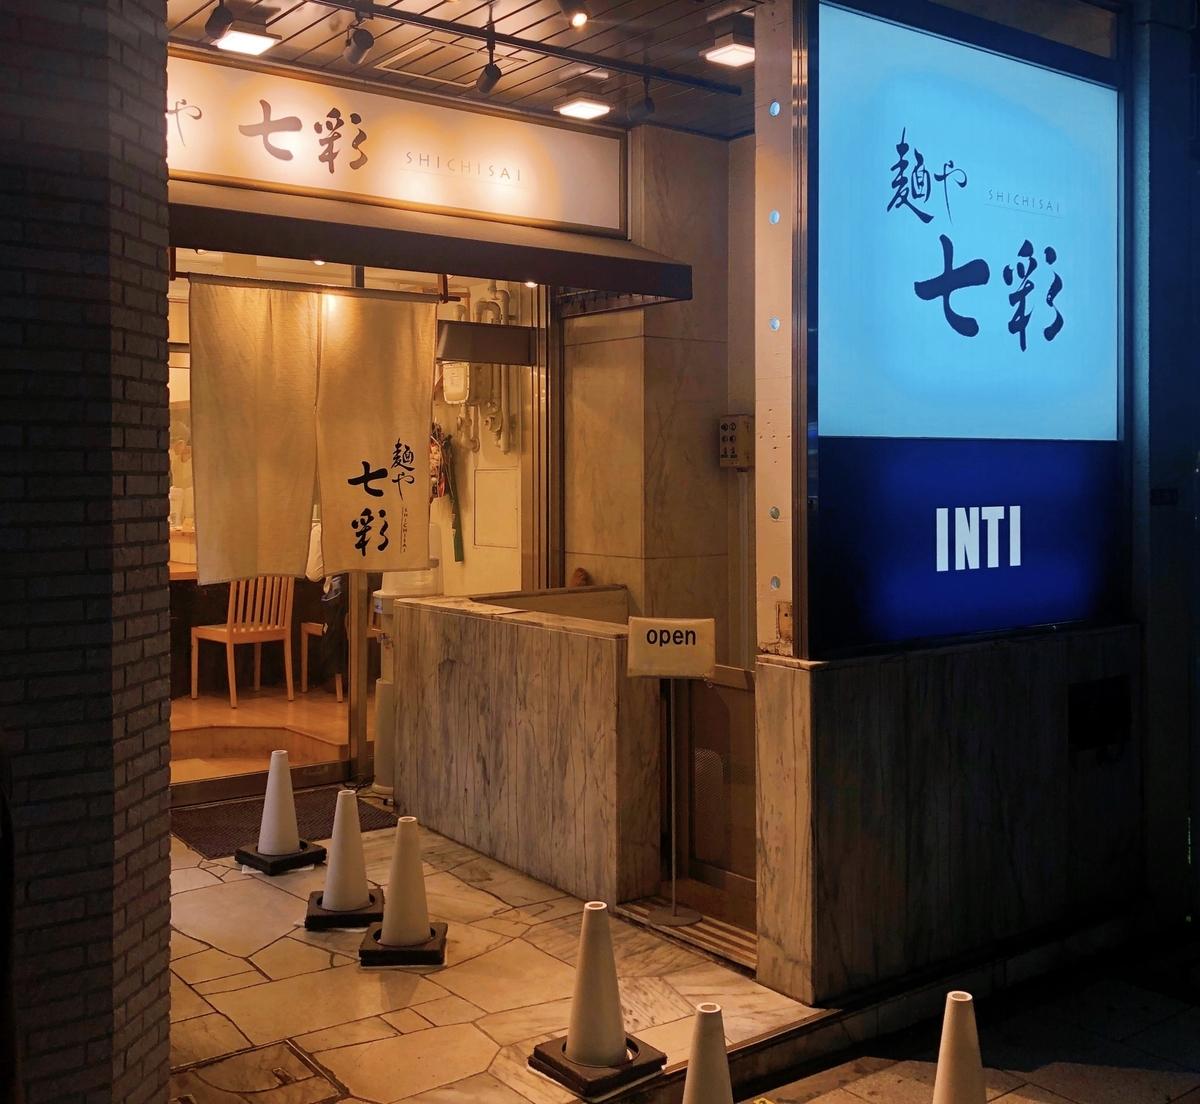 f:id:TakahiroIwata:20200907225210j:plain